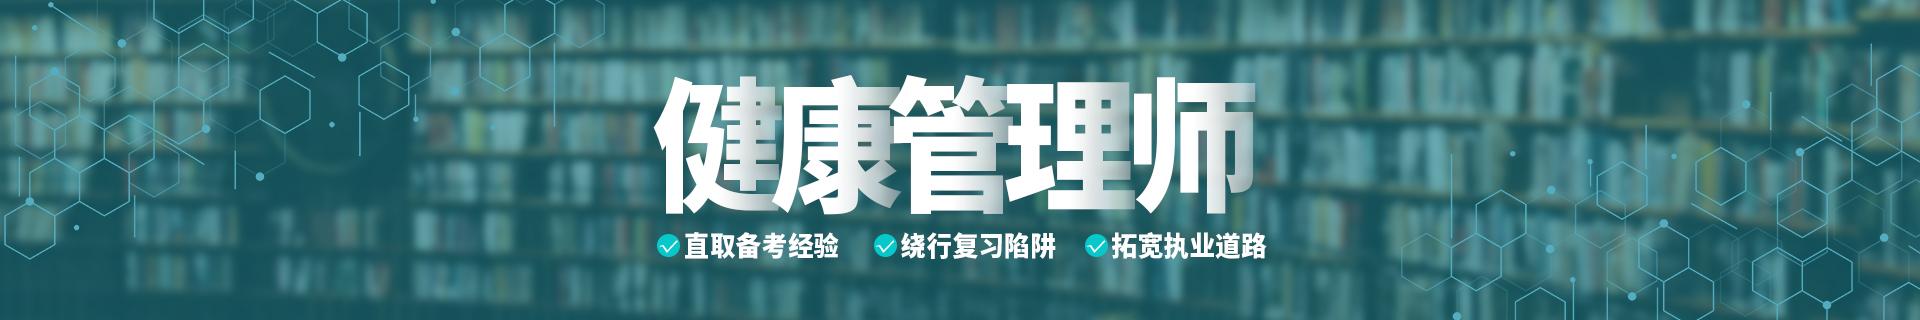 江苏江阴优路教育培训学校